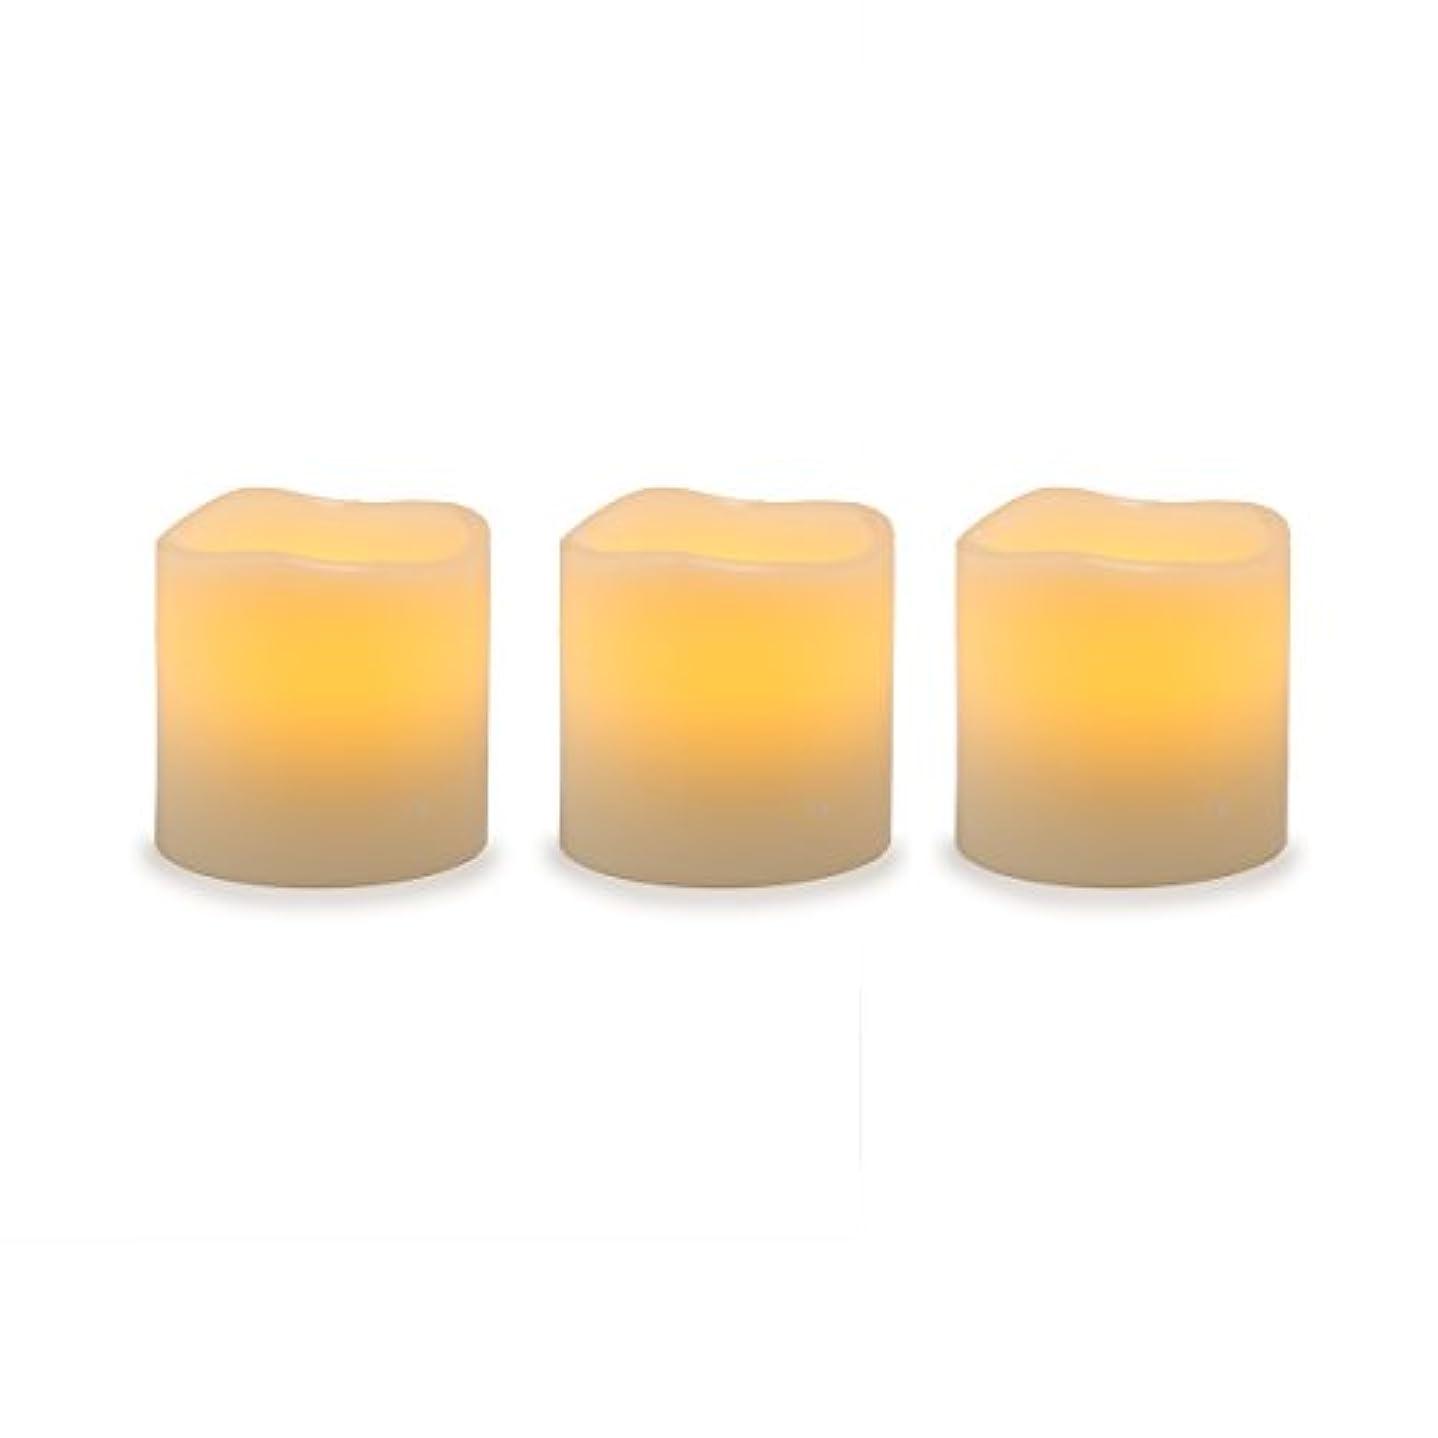 入り口先祖通貨Darice電池式LED Pillar Candleセット、3ピース